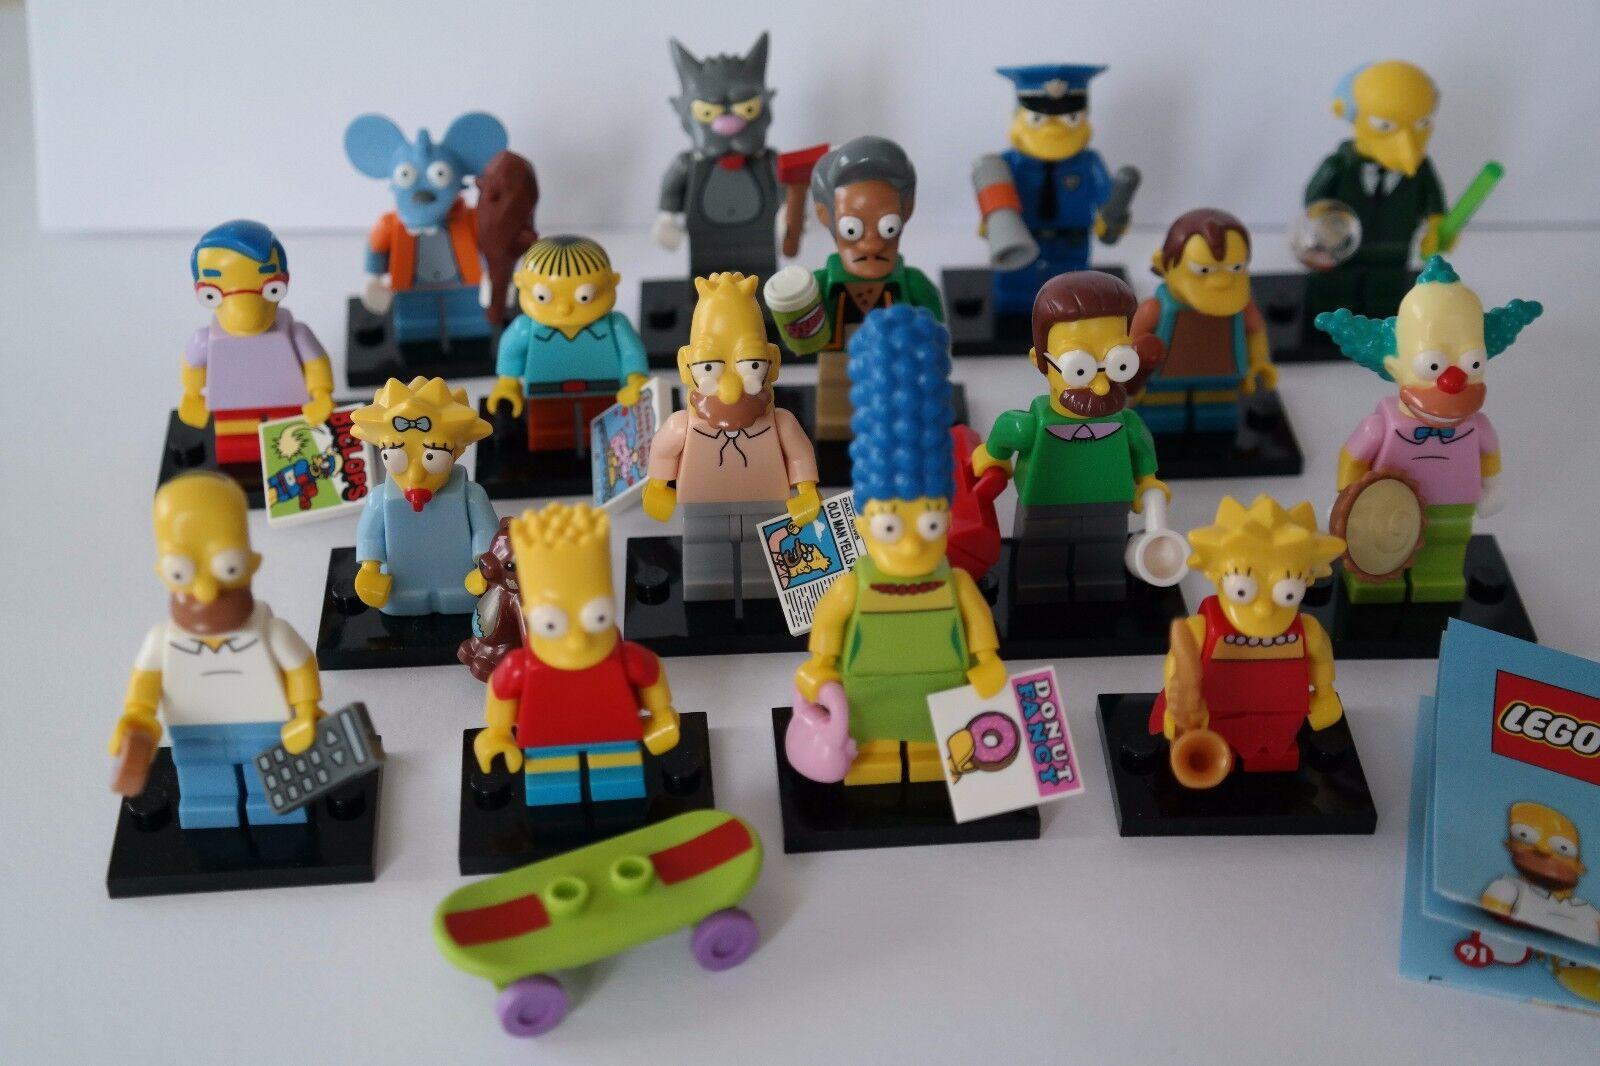 Lego Sammelfiguren 71005 Simpsons 1 - Komplett 16 Figuren NEU